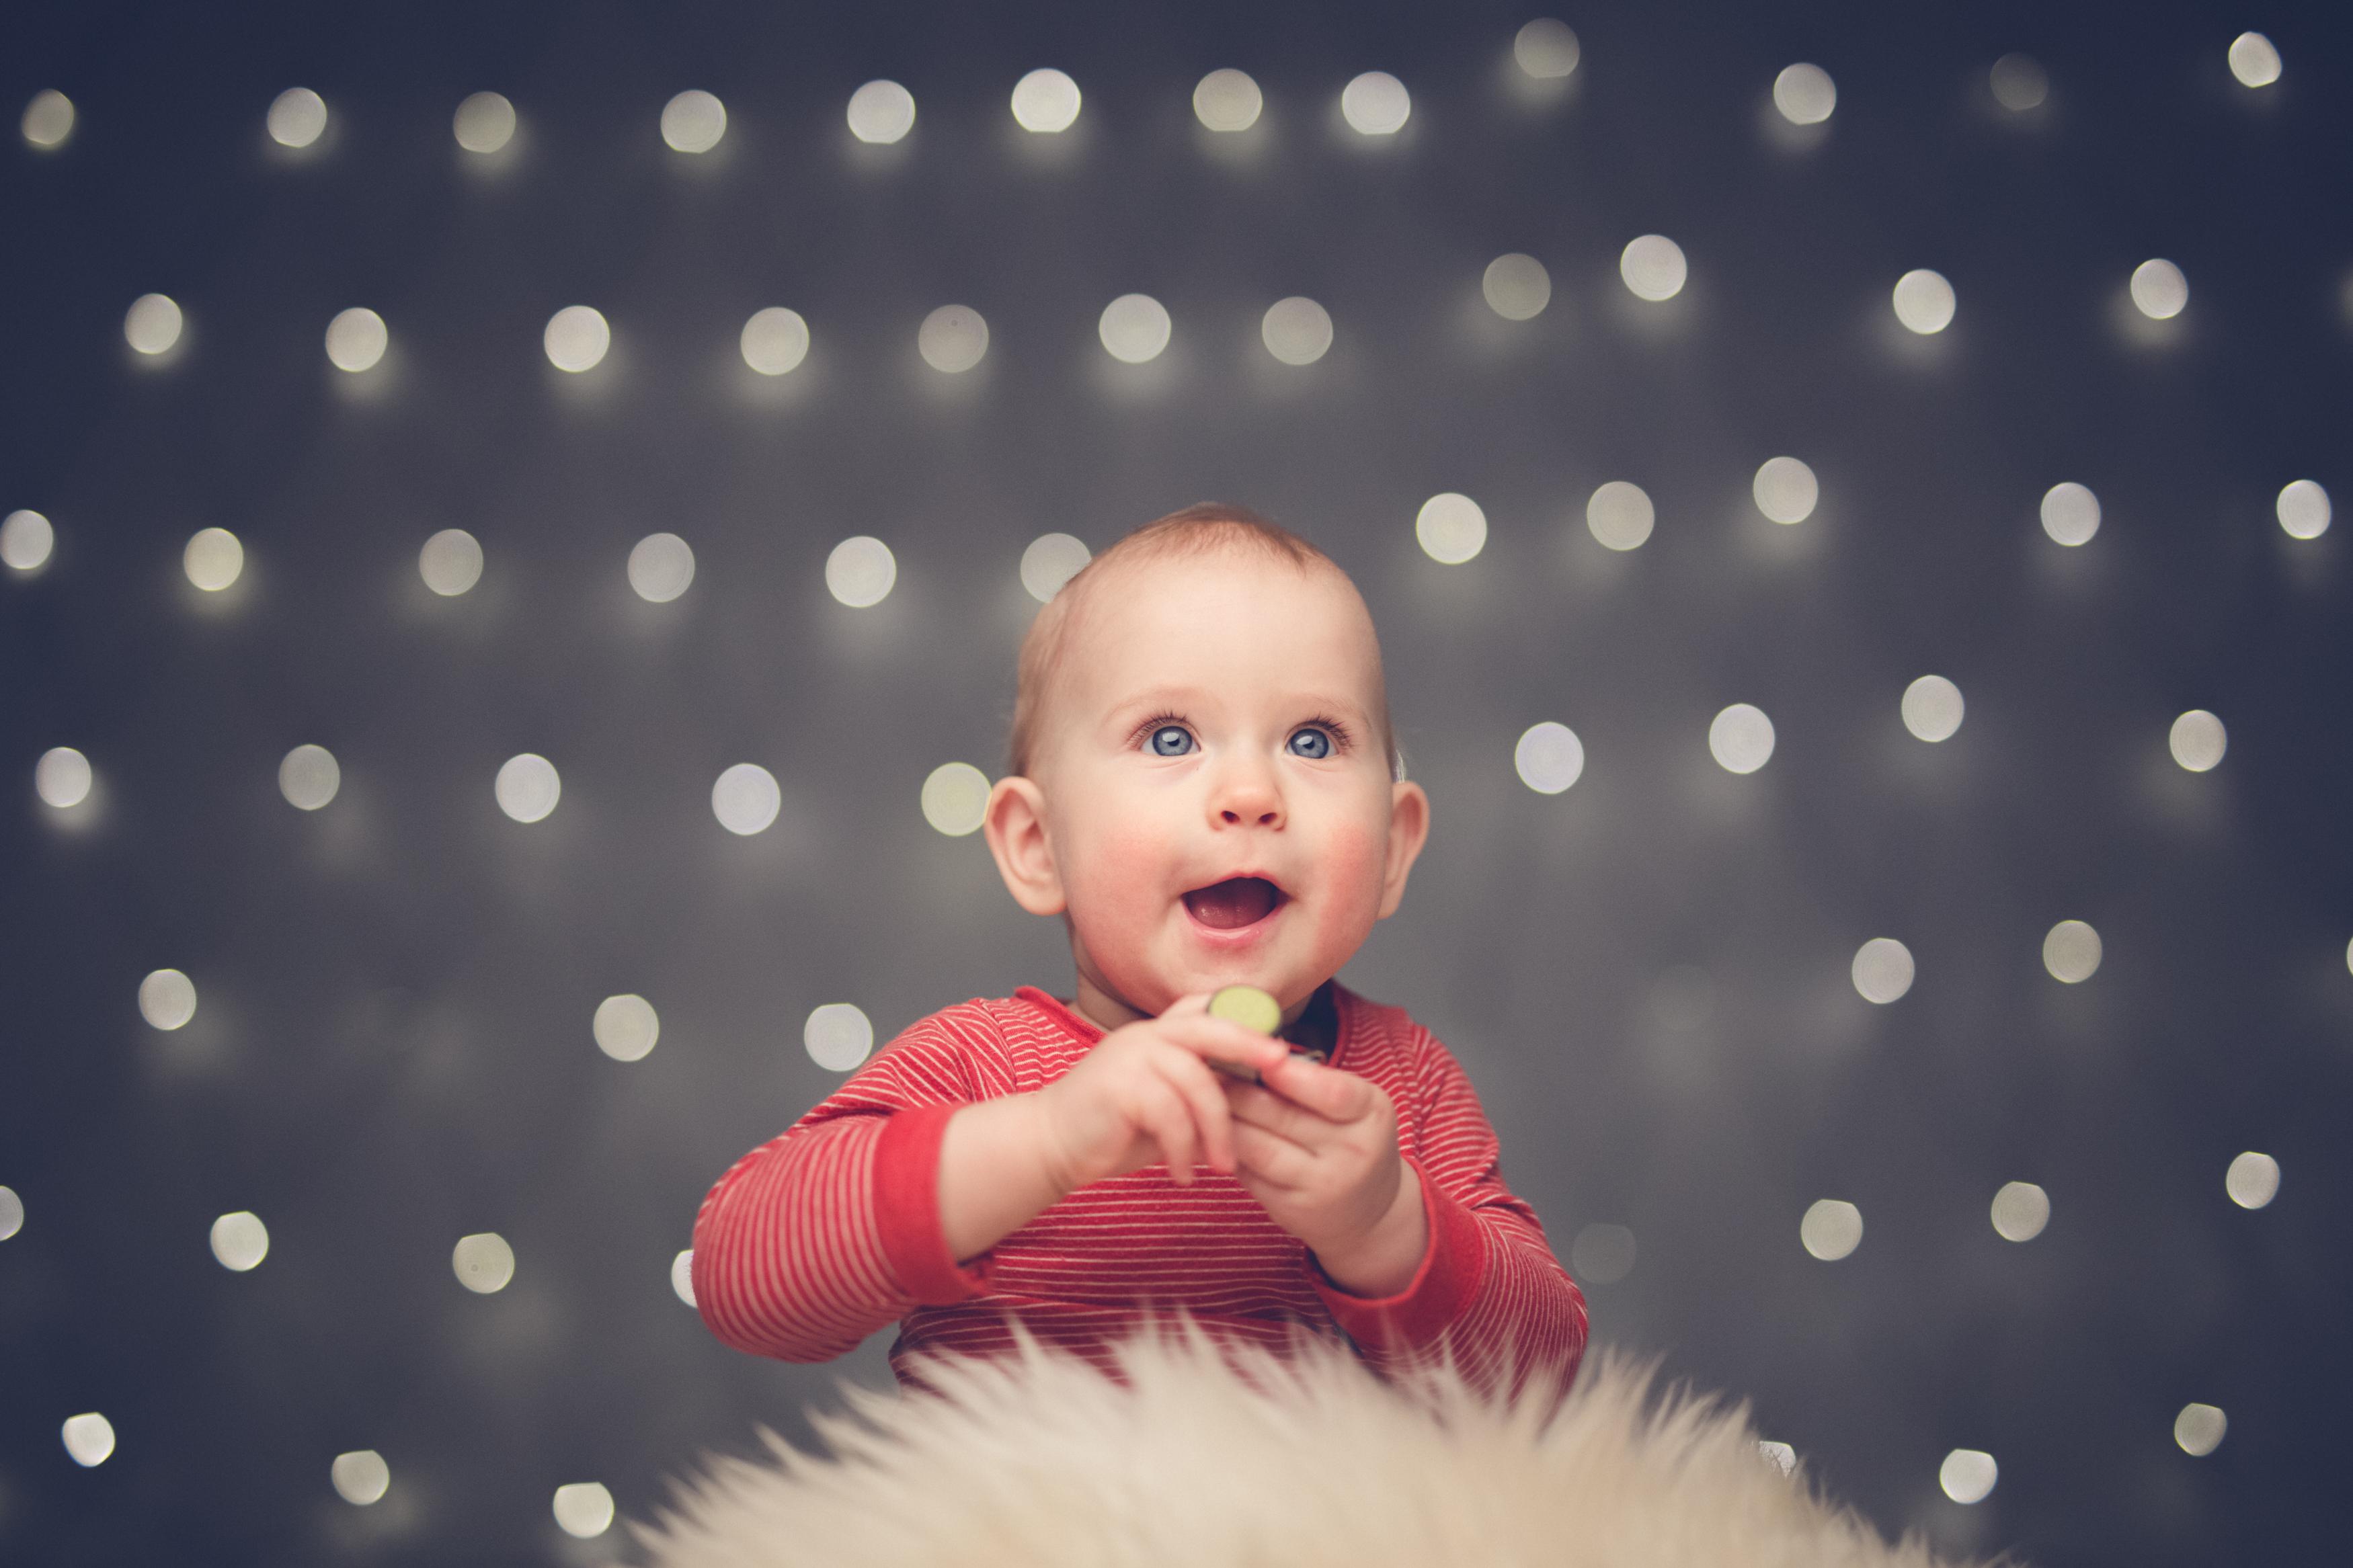 beebi jõulutuledega fotol